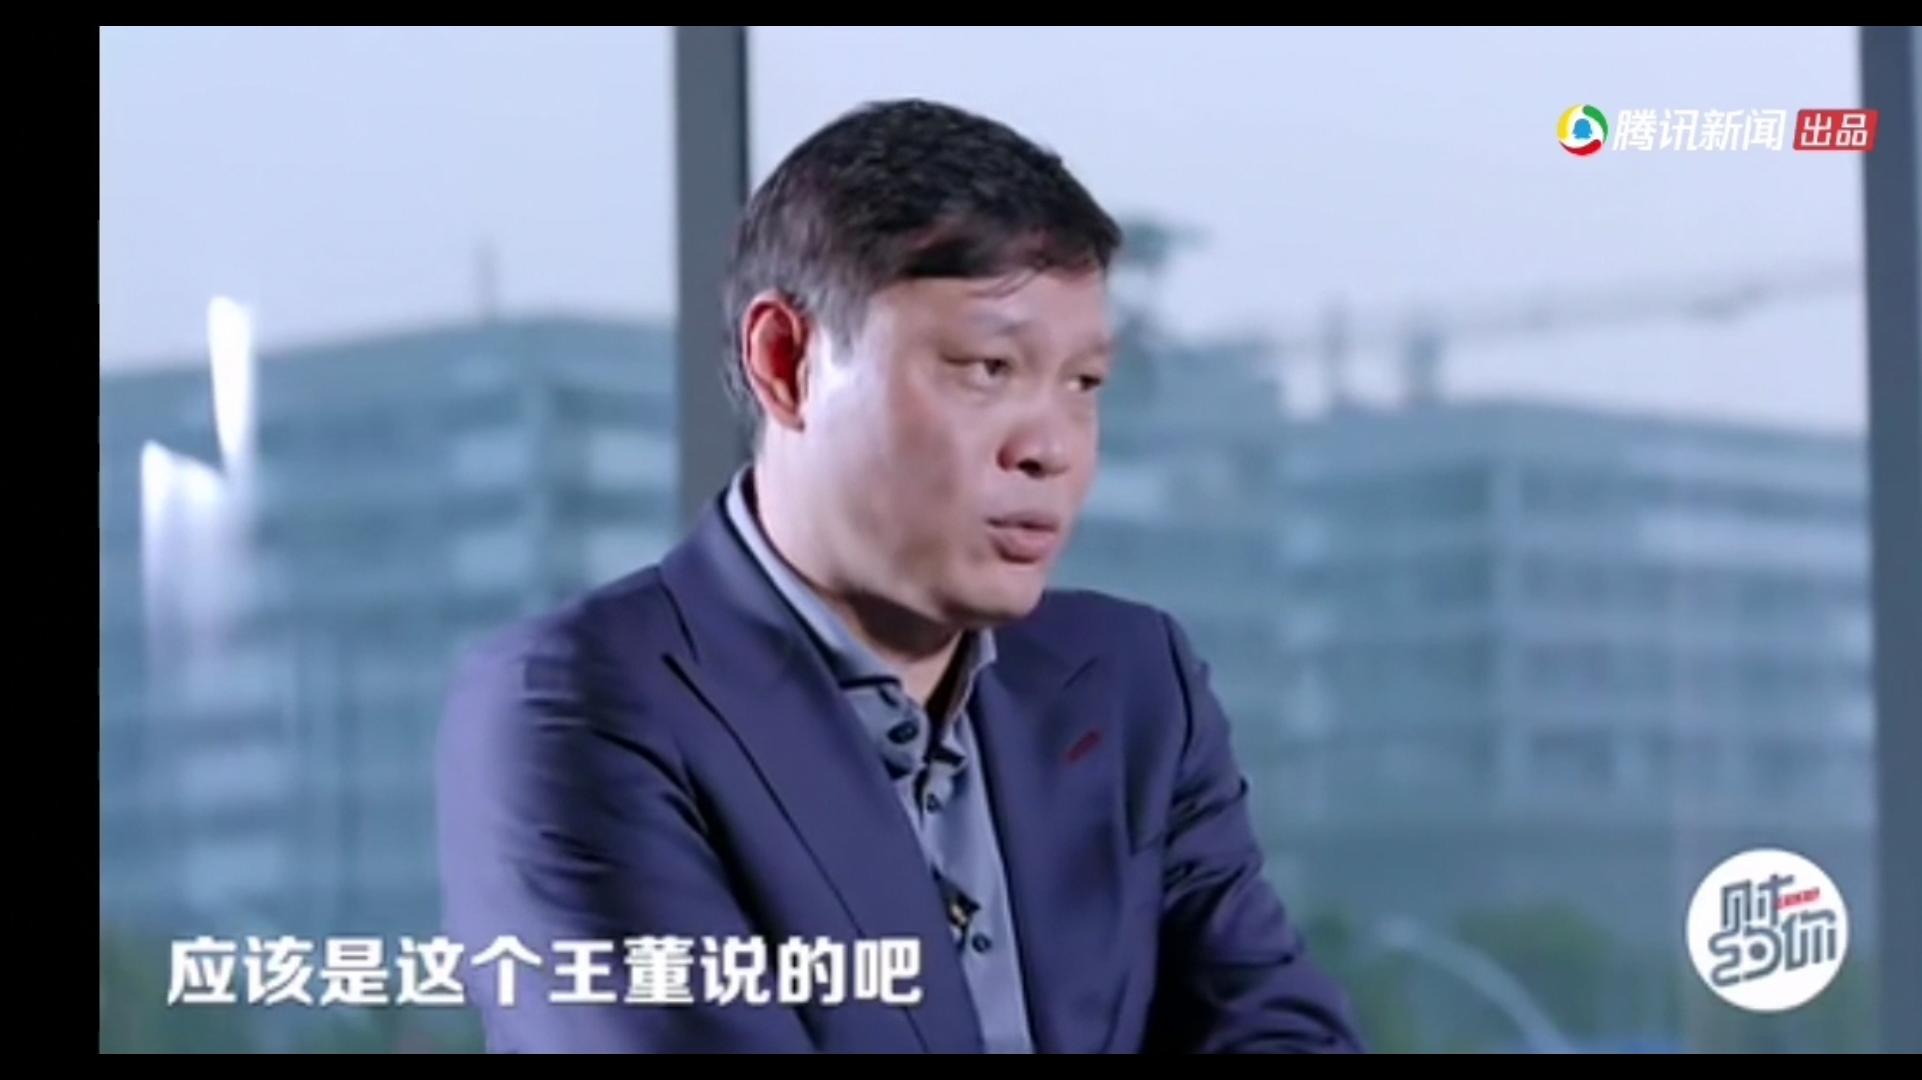 前国脚范志毅:中国国足球员挣一个亿才合理,他们上有老下有小